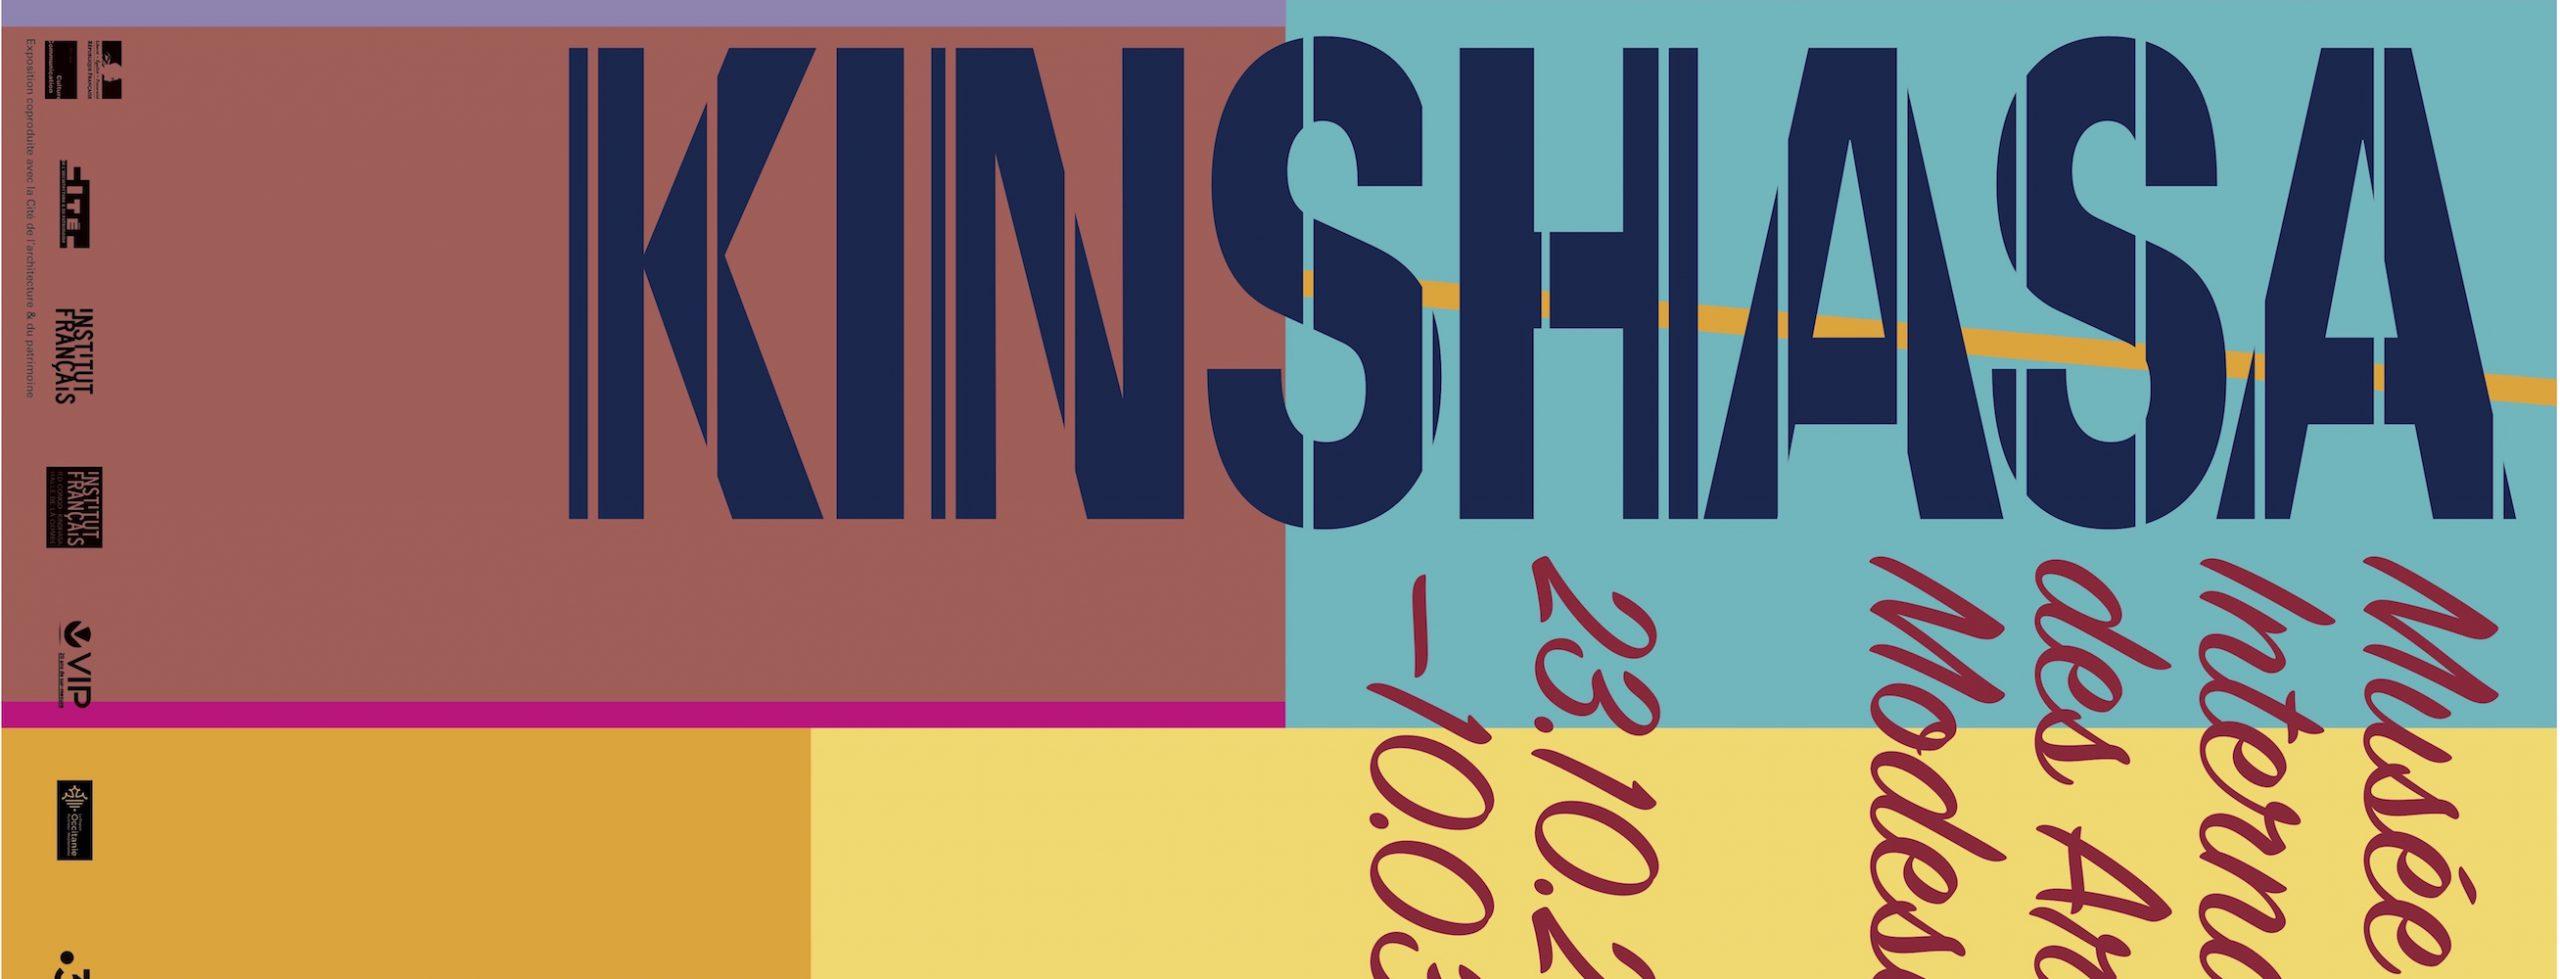 MIAM: KINSHASA CHRONIQUES